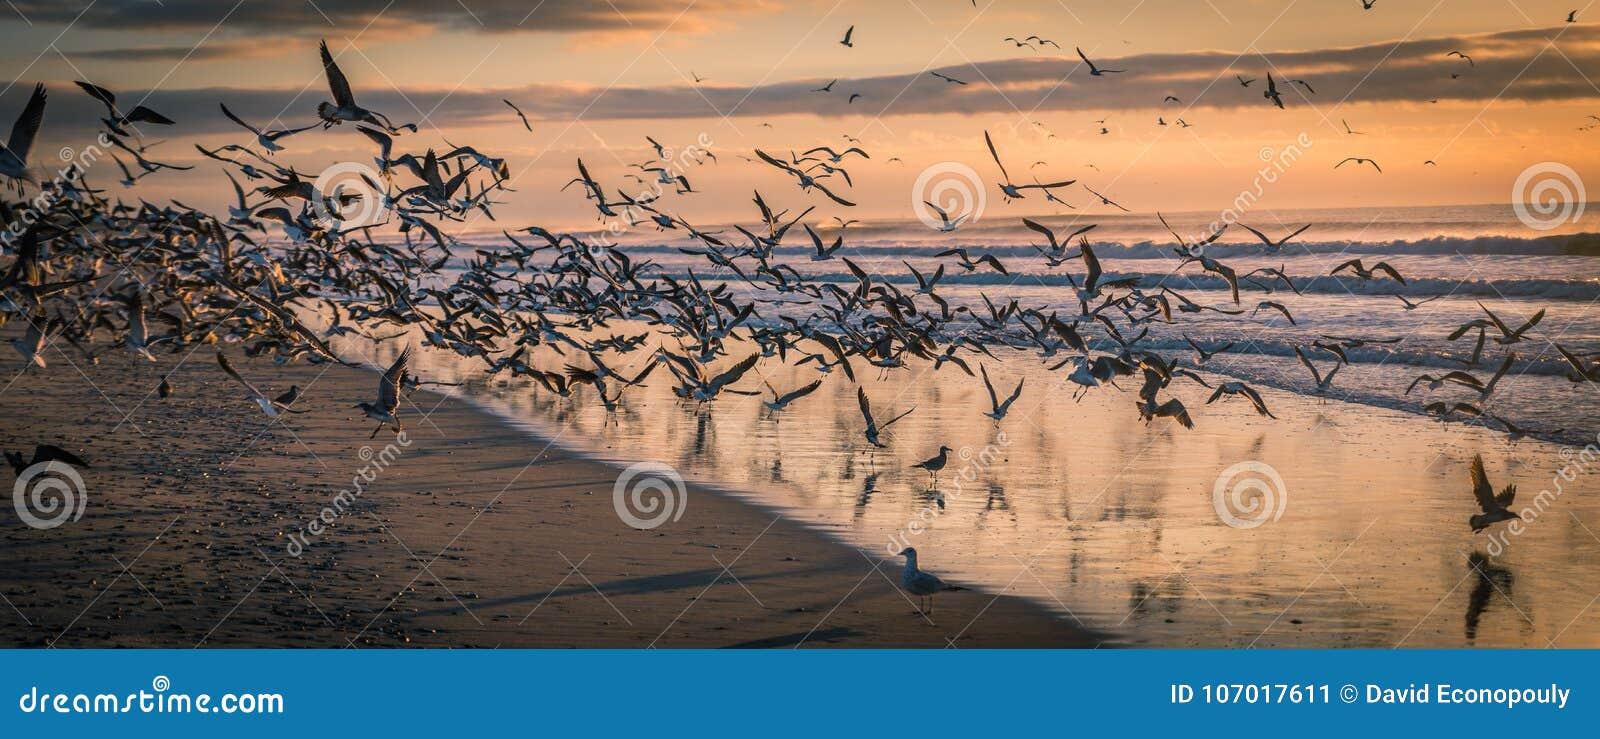 Kierdel Seagulls przy plażą przy zmierzchem